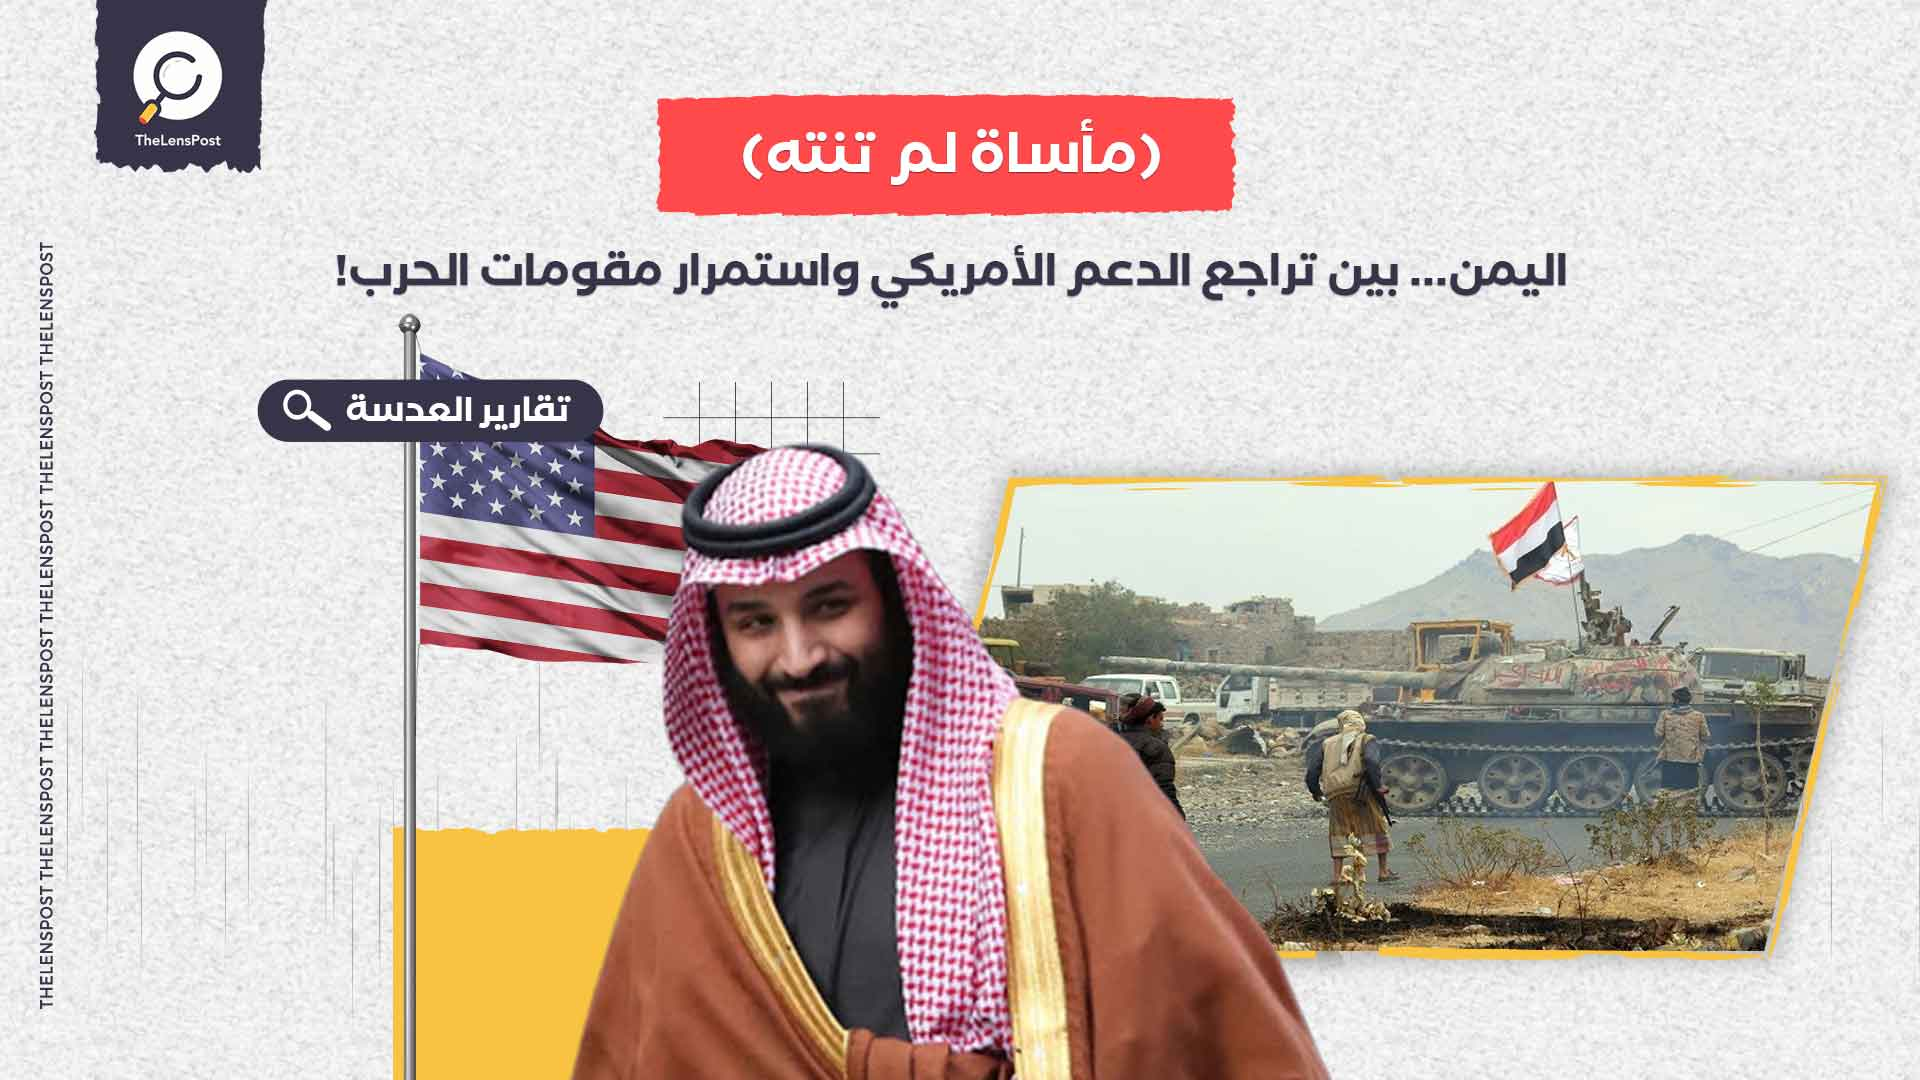 اليمن... بين تراجع الدعم الأمريكي واستمرار مقومات الحرب!